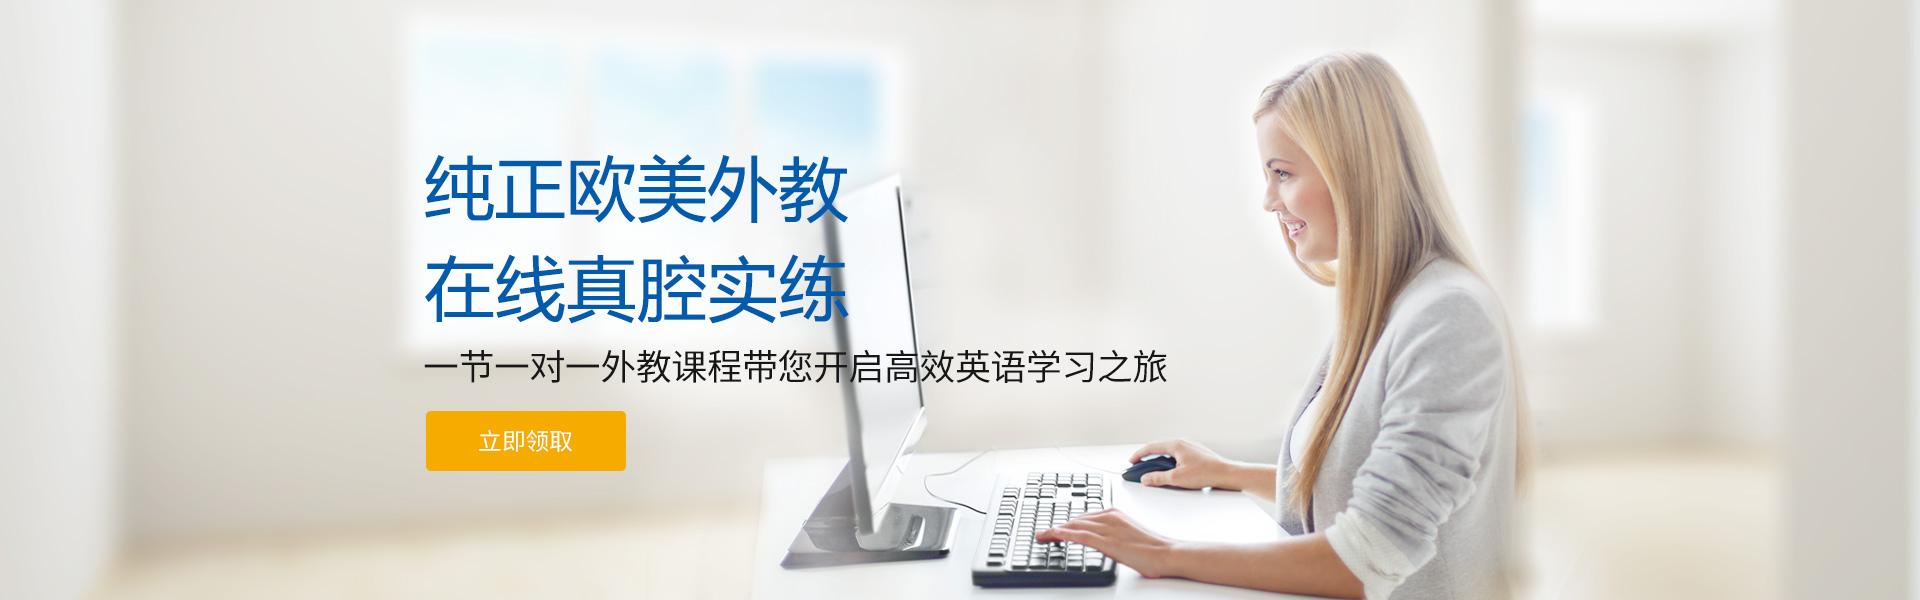 北京巴沟万柳韦博英语